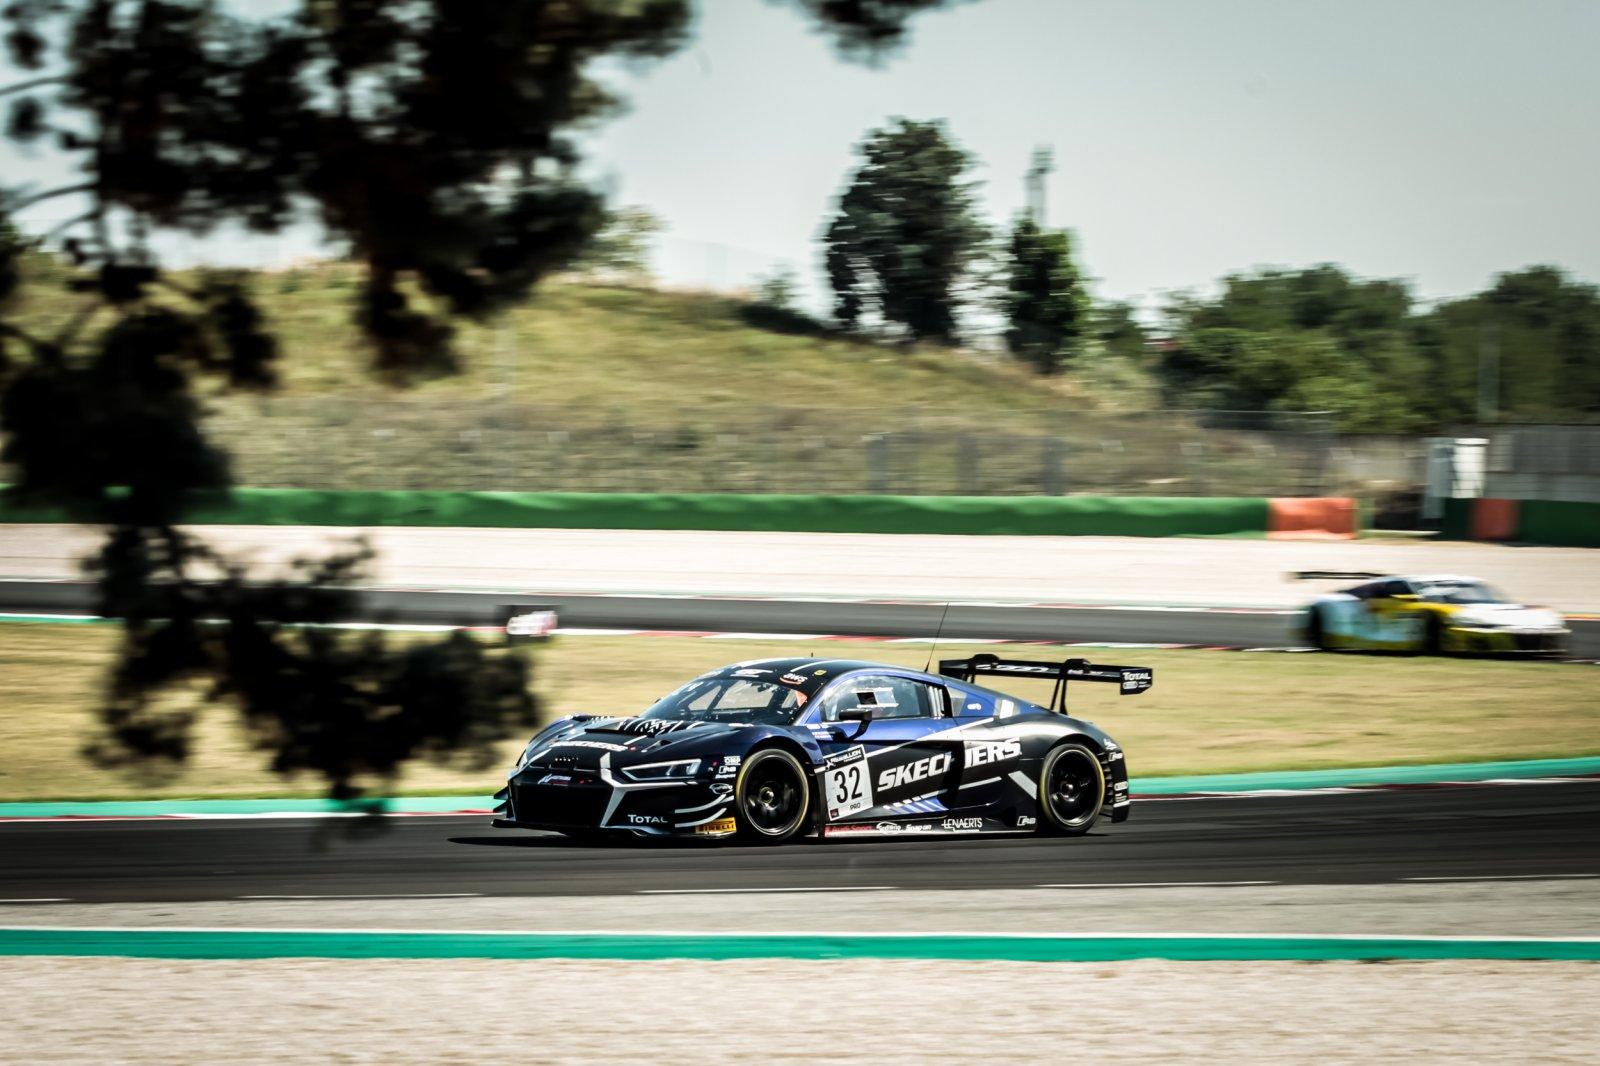 #32 Belgian Audi Club Team WRT BEL Audi R8 LMS GT3 - Charles Weerts BEL Dries Vanthoor BEL, Race 3